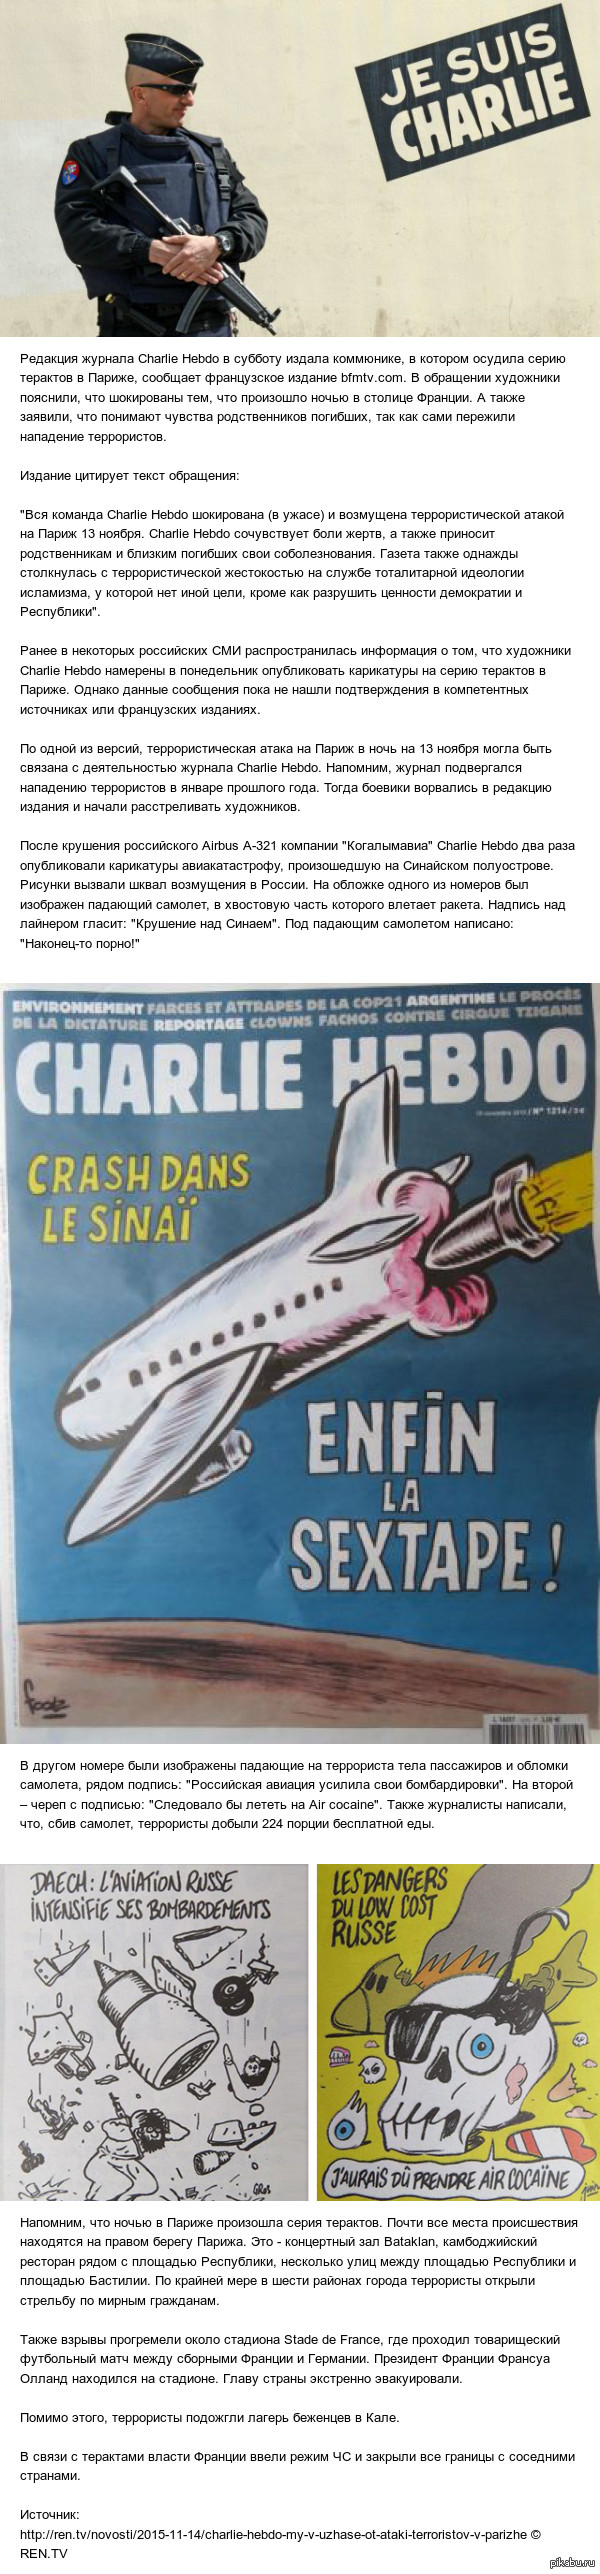 Charlie Hebdo: Мы в ужасе от атаки террористов в Париже Скандальный журнал принес соболезнования родственникам и близким погибших в терактах.